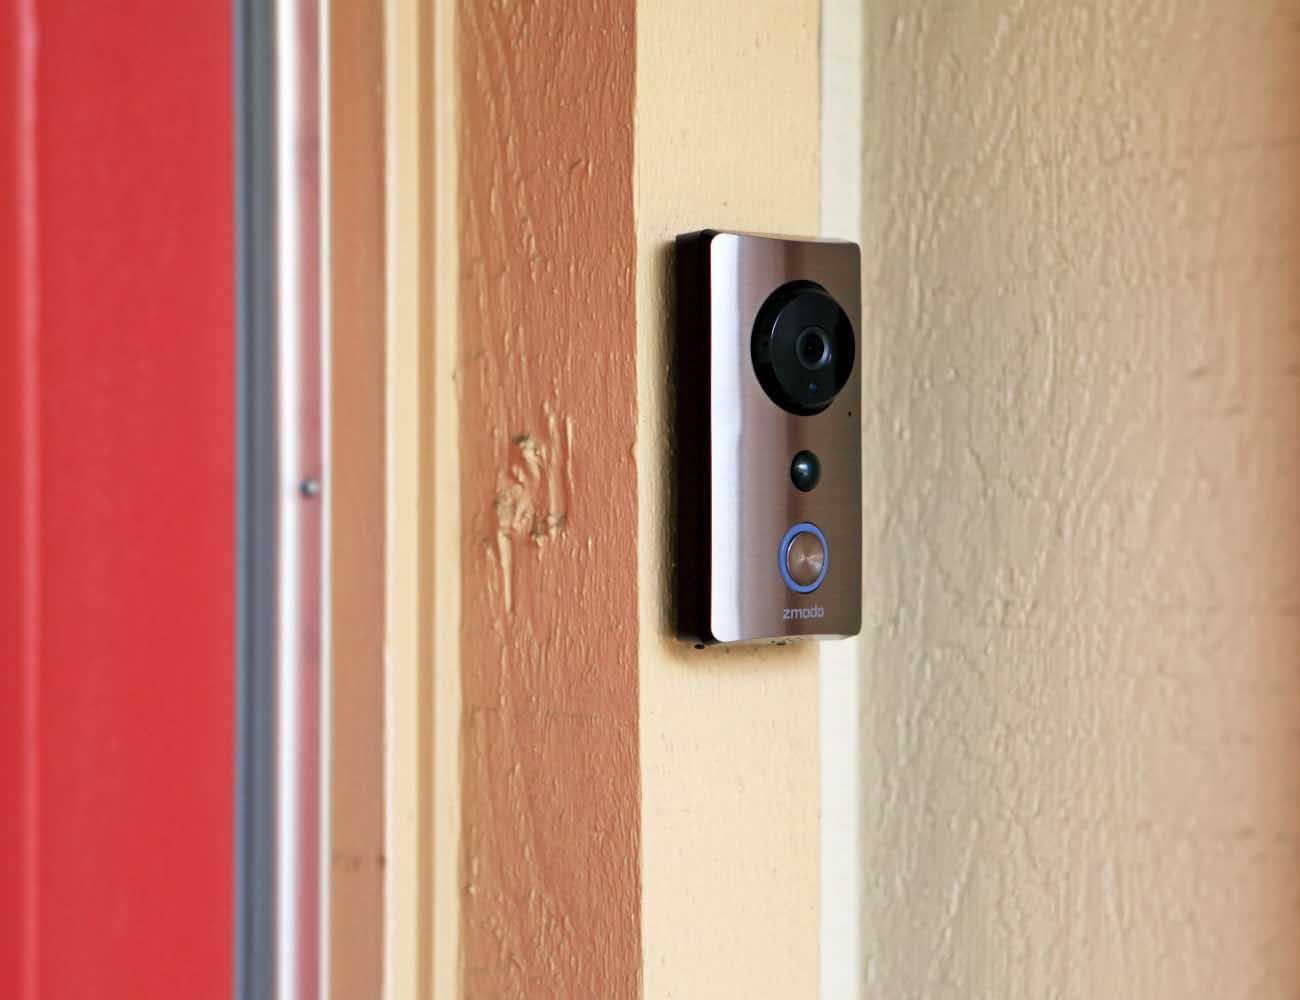 Zmodo – Smart Wi-Fi Doorbell